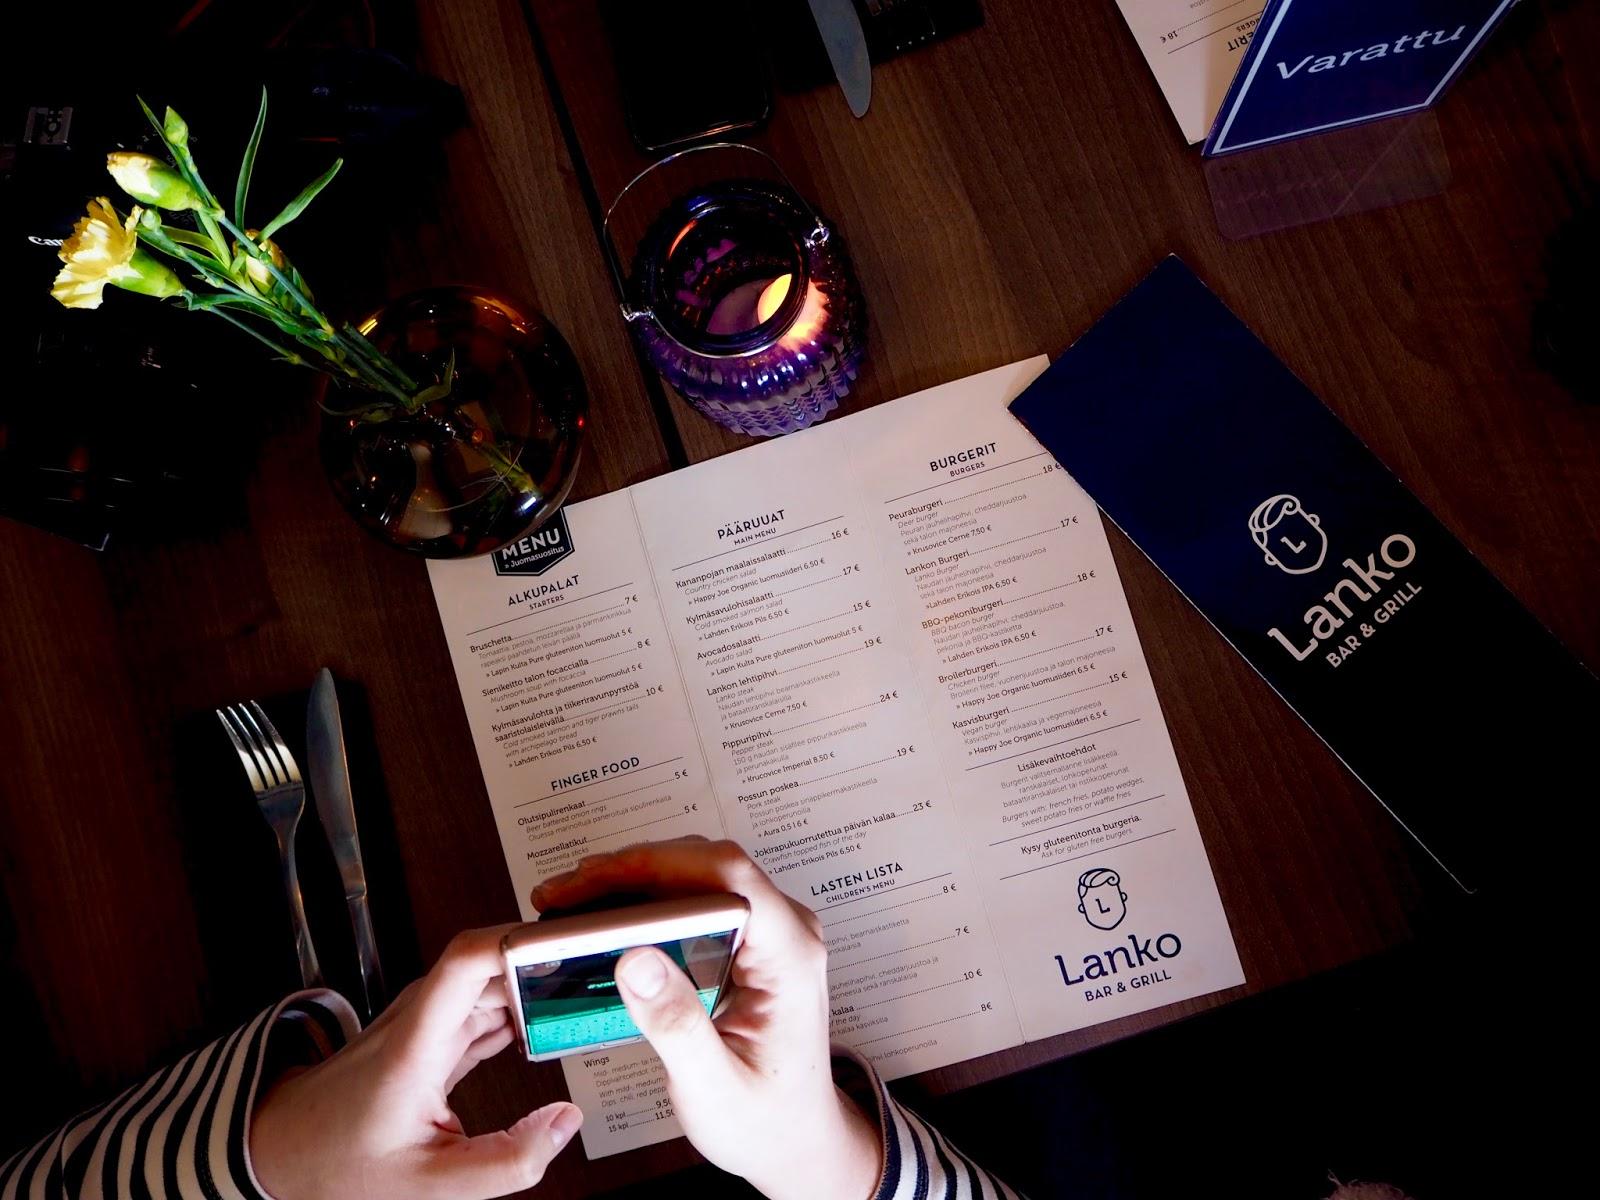 Bar & Grill Lanko ravintolan menua päivitetään usein.